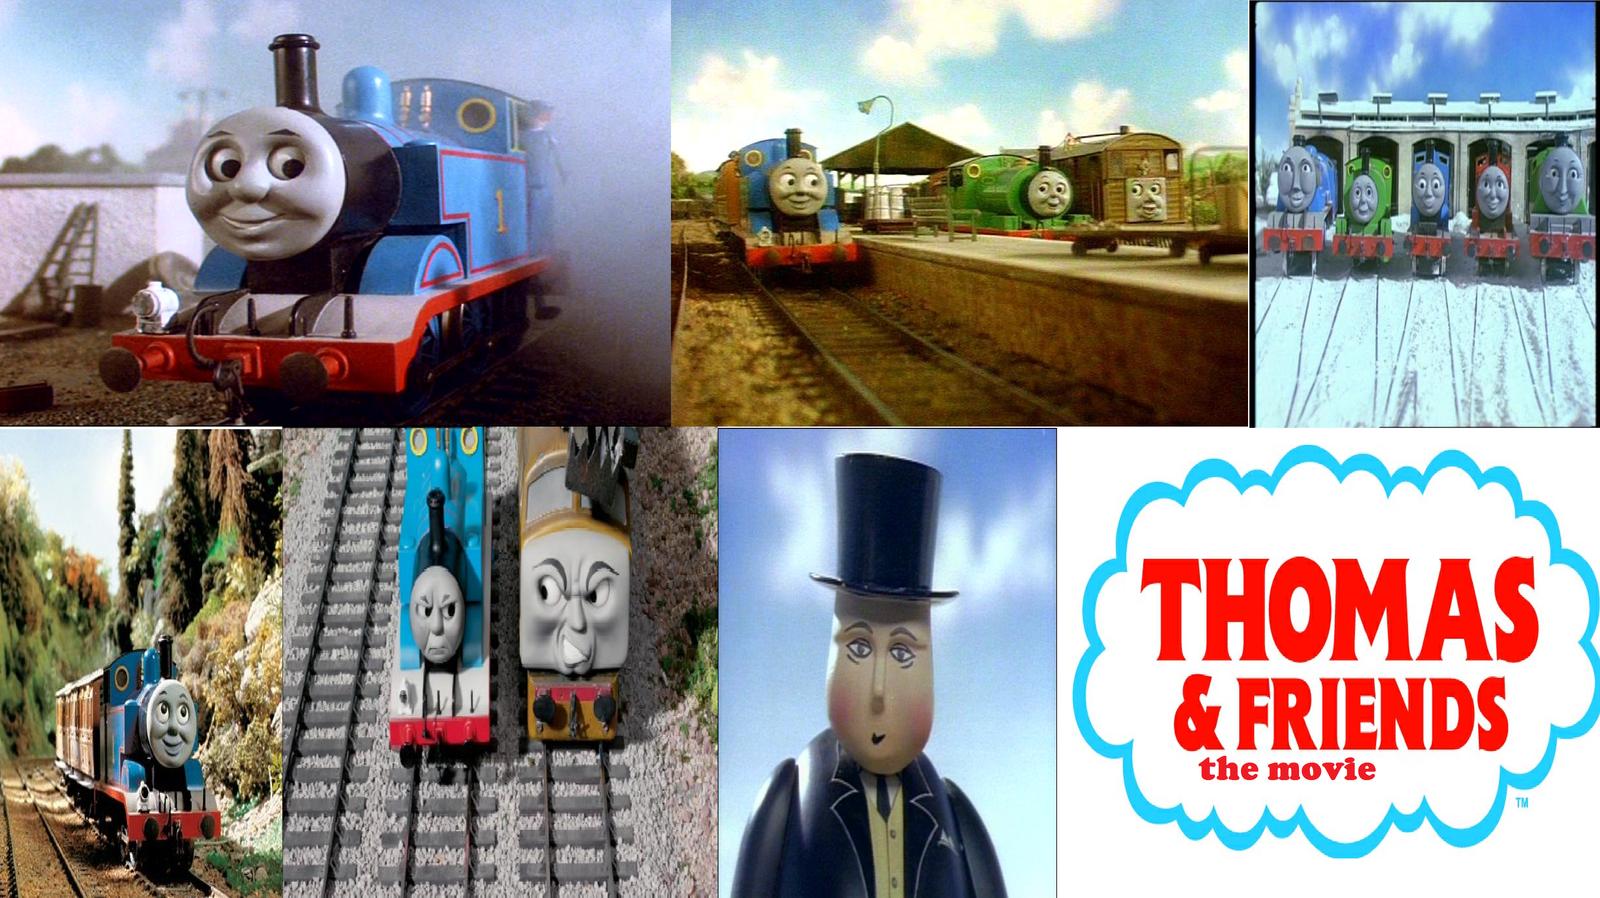 Thomas the tank engine movie 2015 imdb